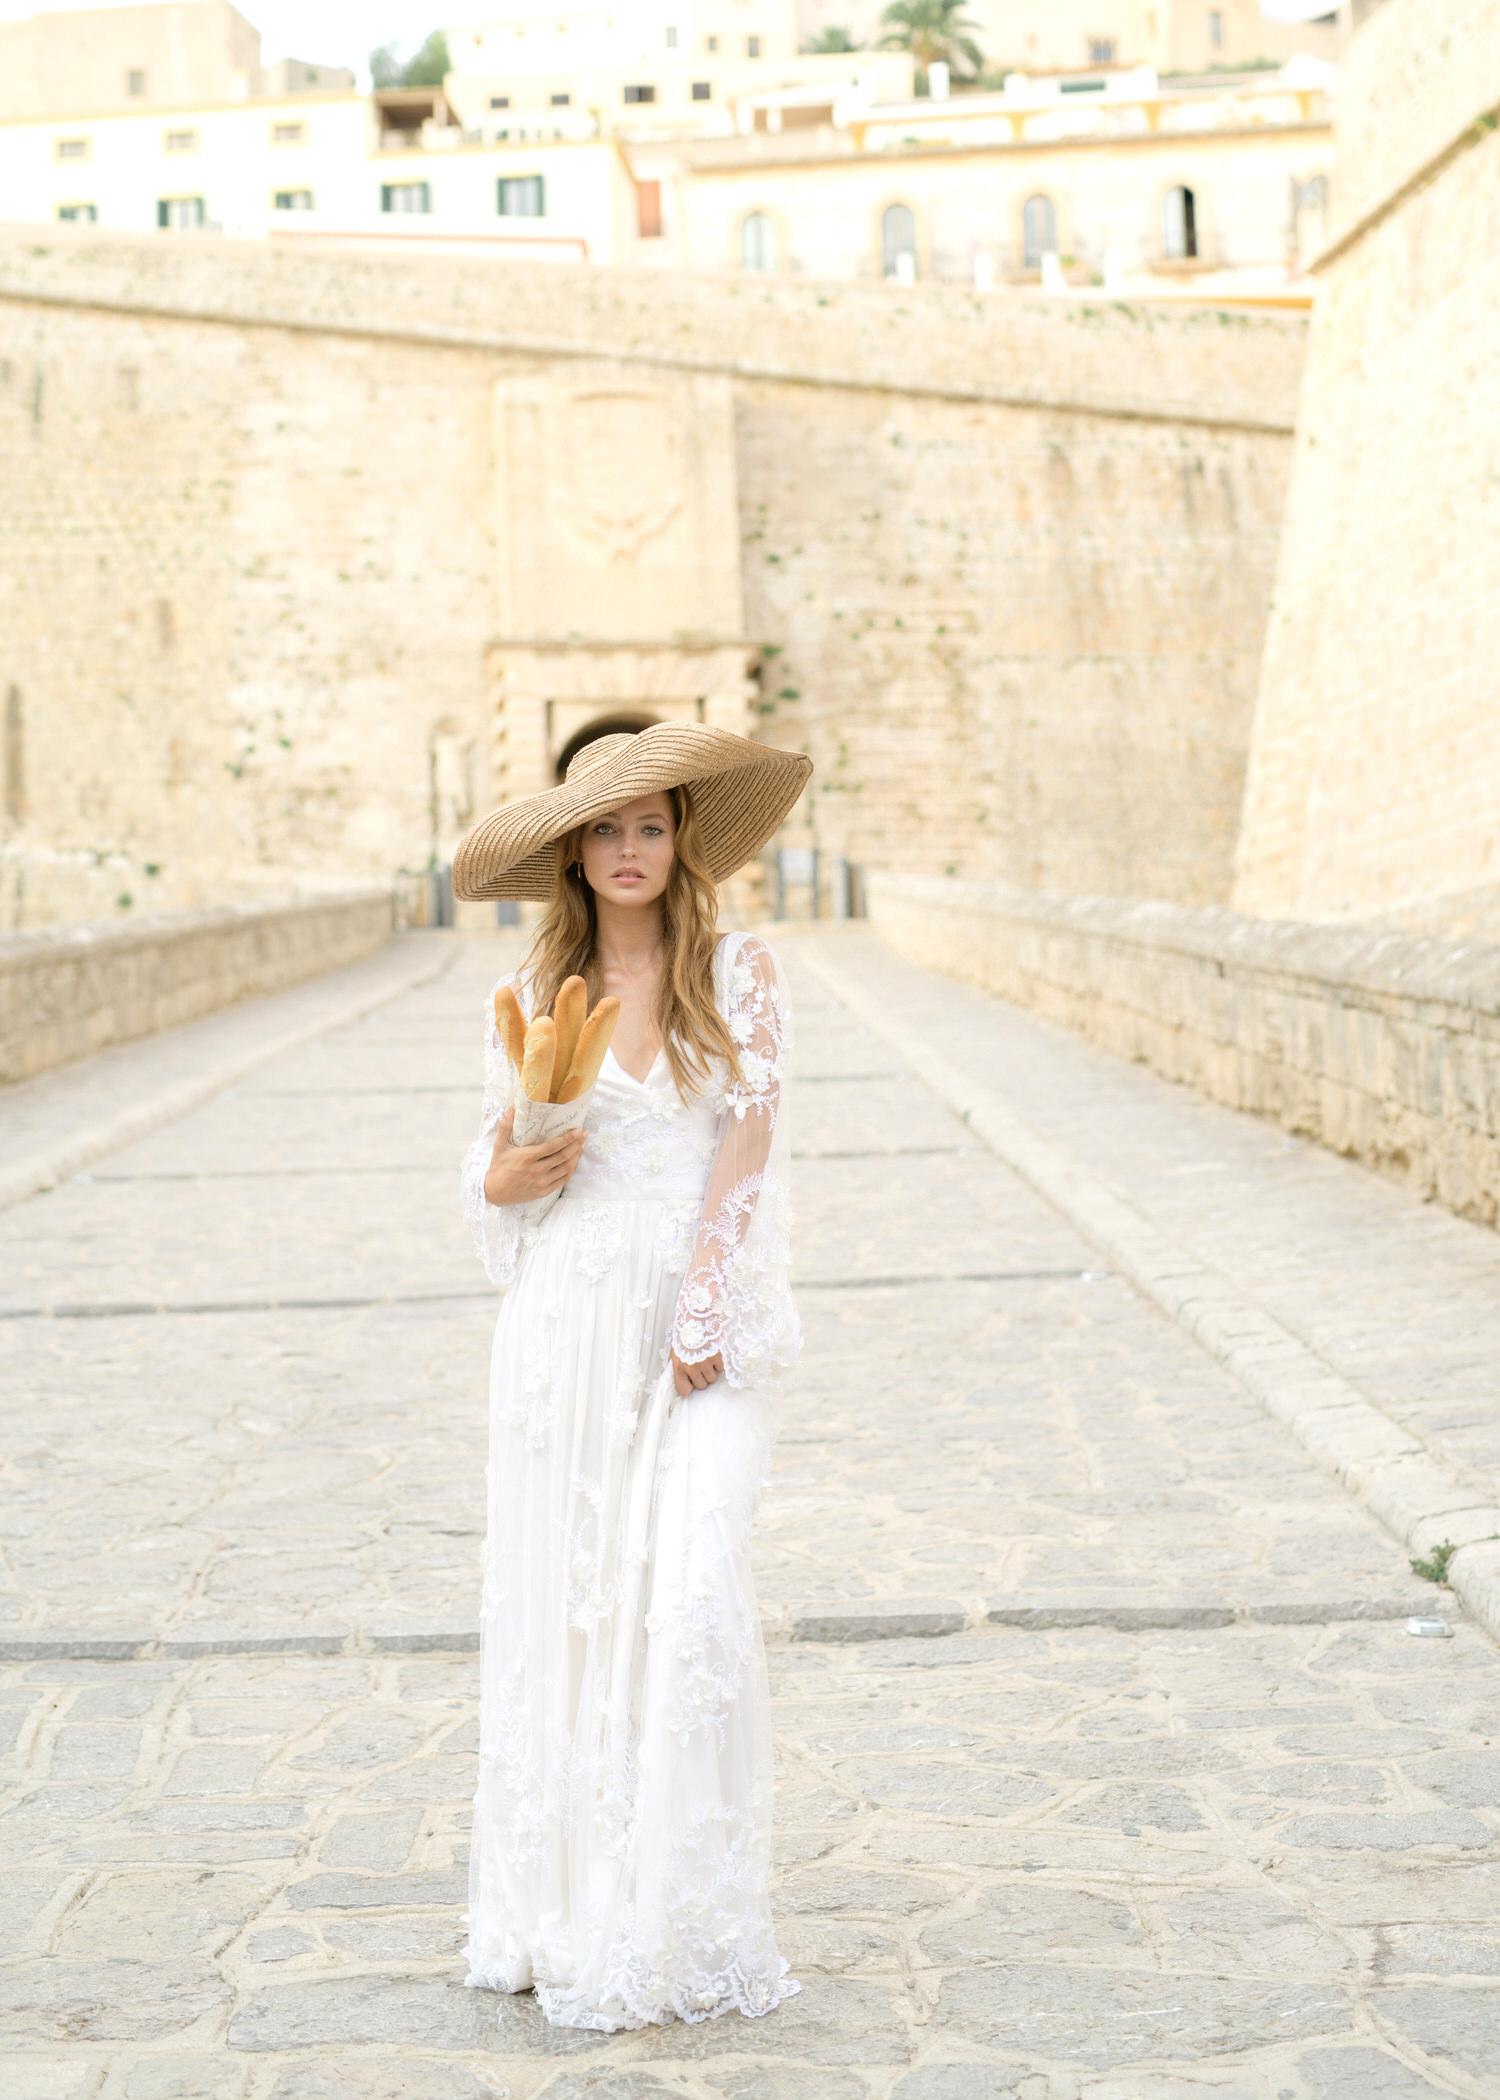 ©BOTTEGA53 - Ibiza Editorial-28.jpg